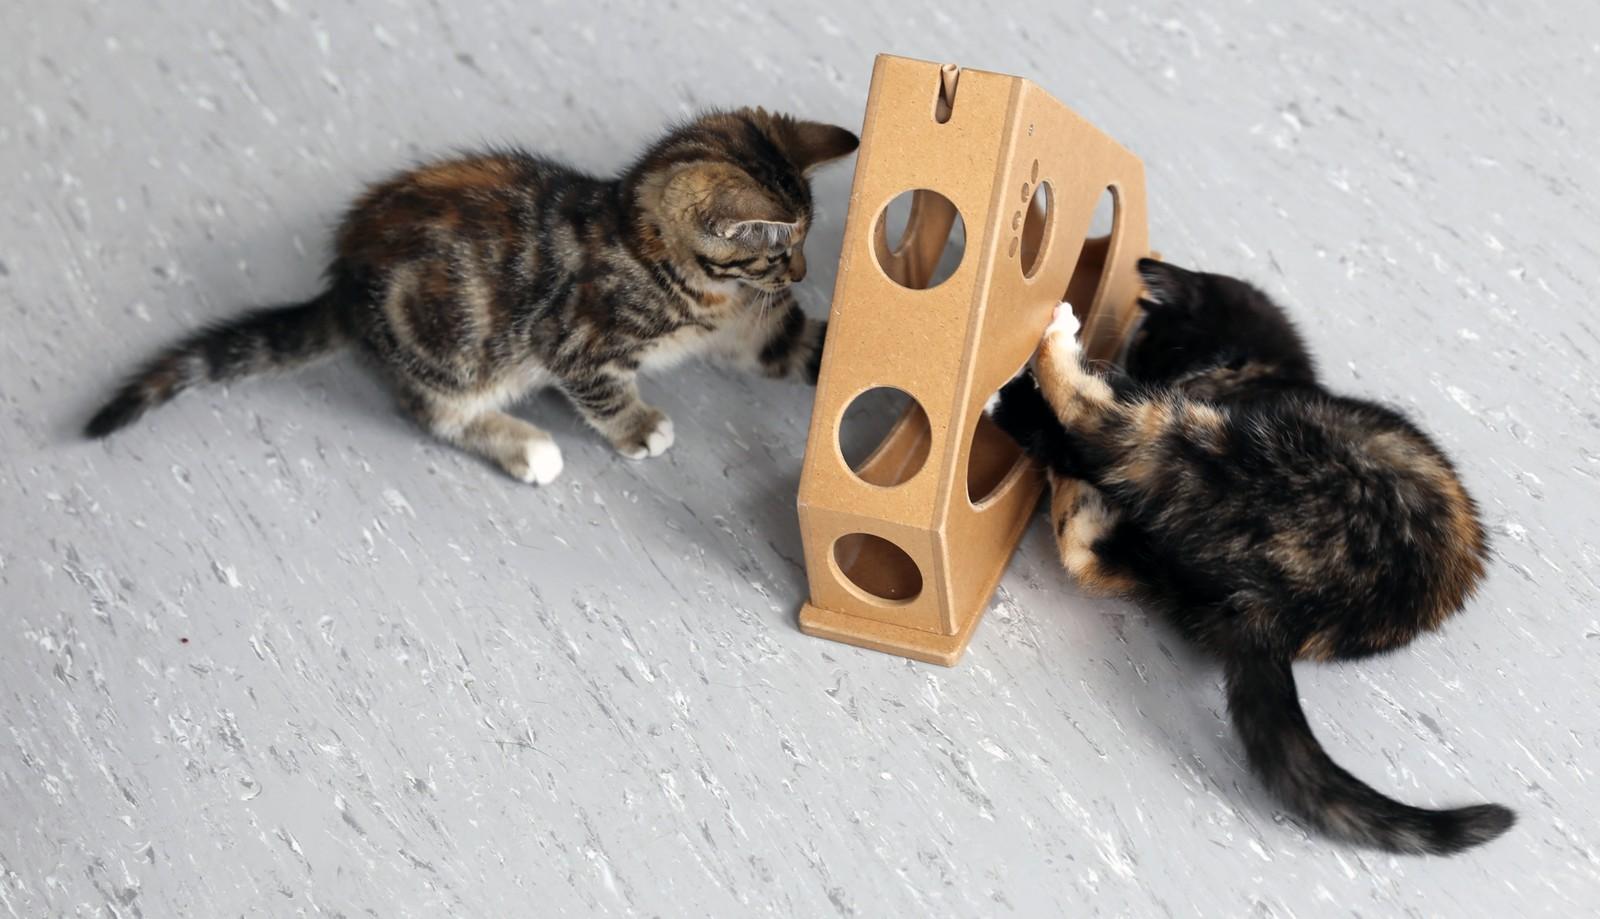 50 KATTUNGER: I løpet av en måned er det kommet inn rundt 50 foreldreløse kattunger til Dyrenes hus på Tertnes.